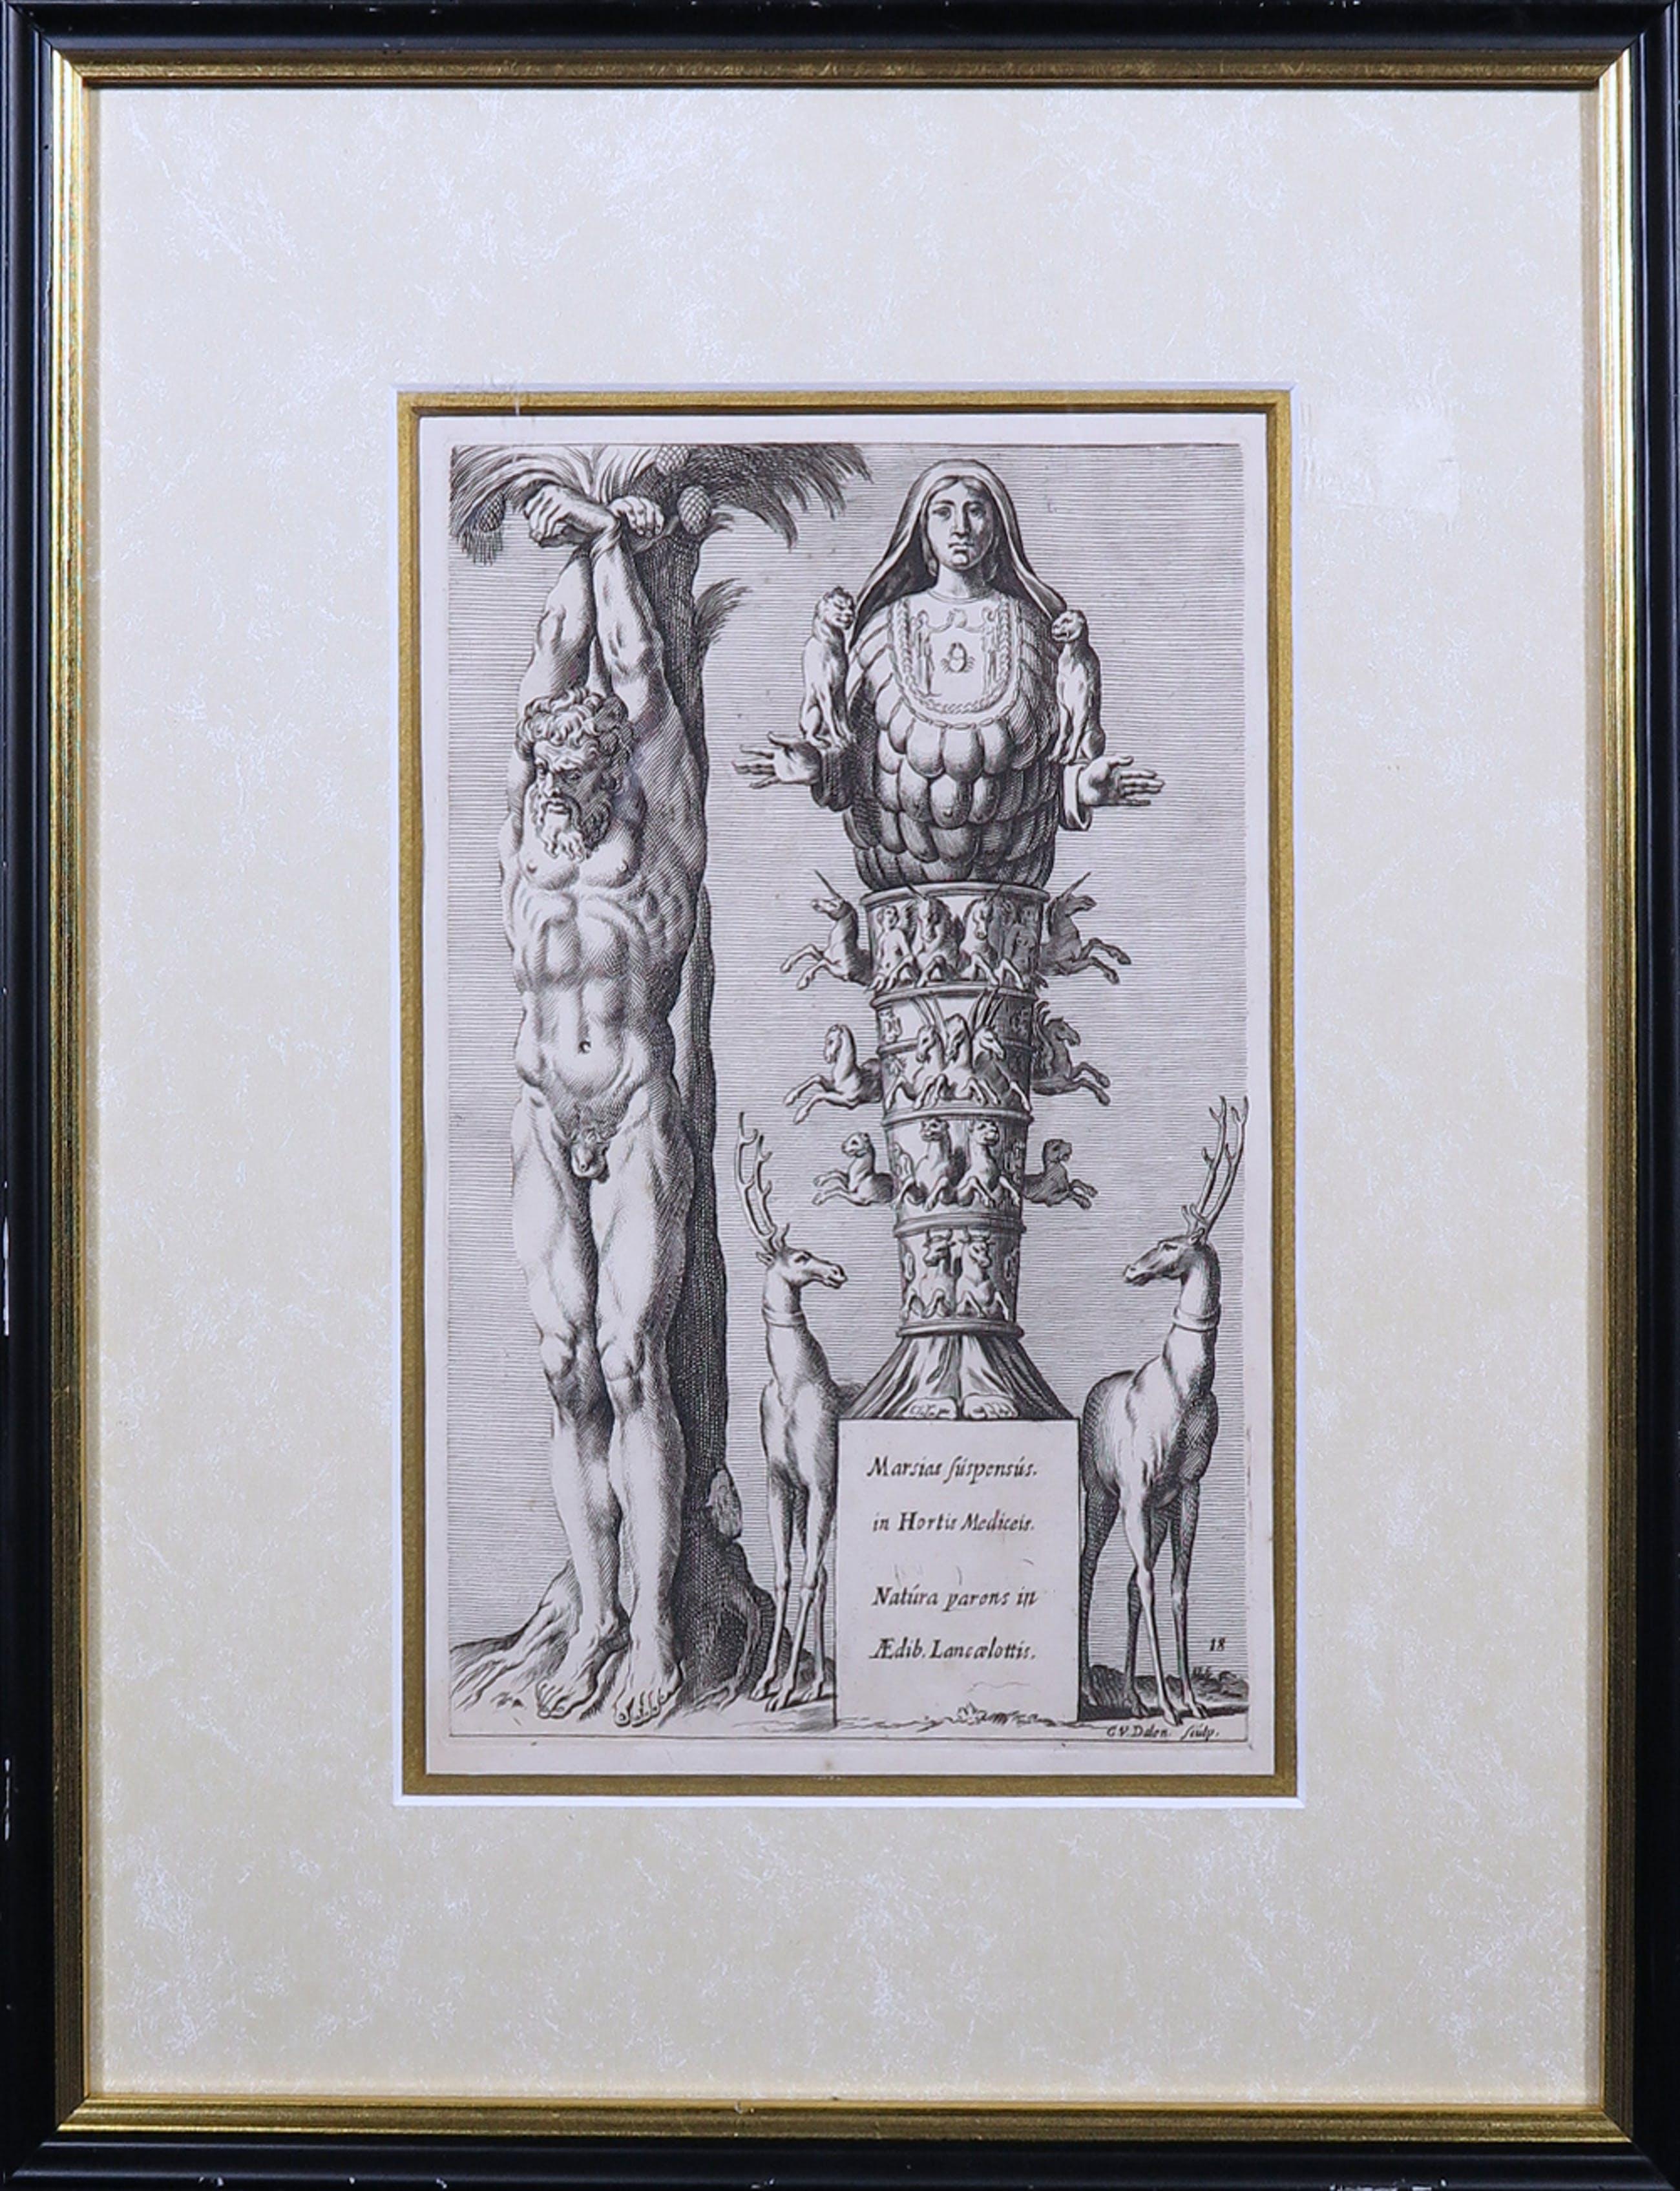 Cornelis van Dalen - Kopergravure, Beelden binnen Rome - Ingelijst kopen? Bied vanaf 1!